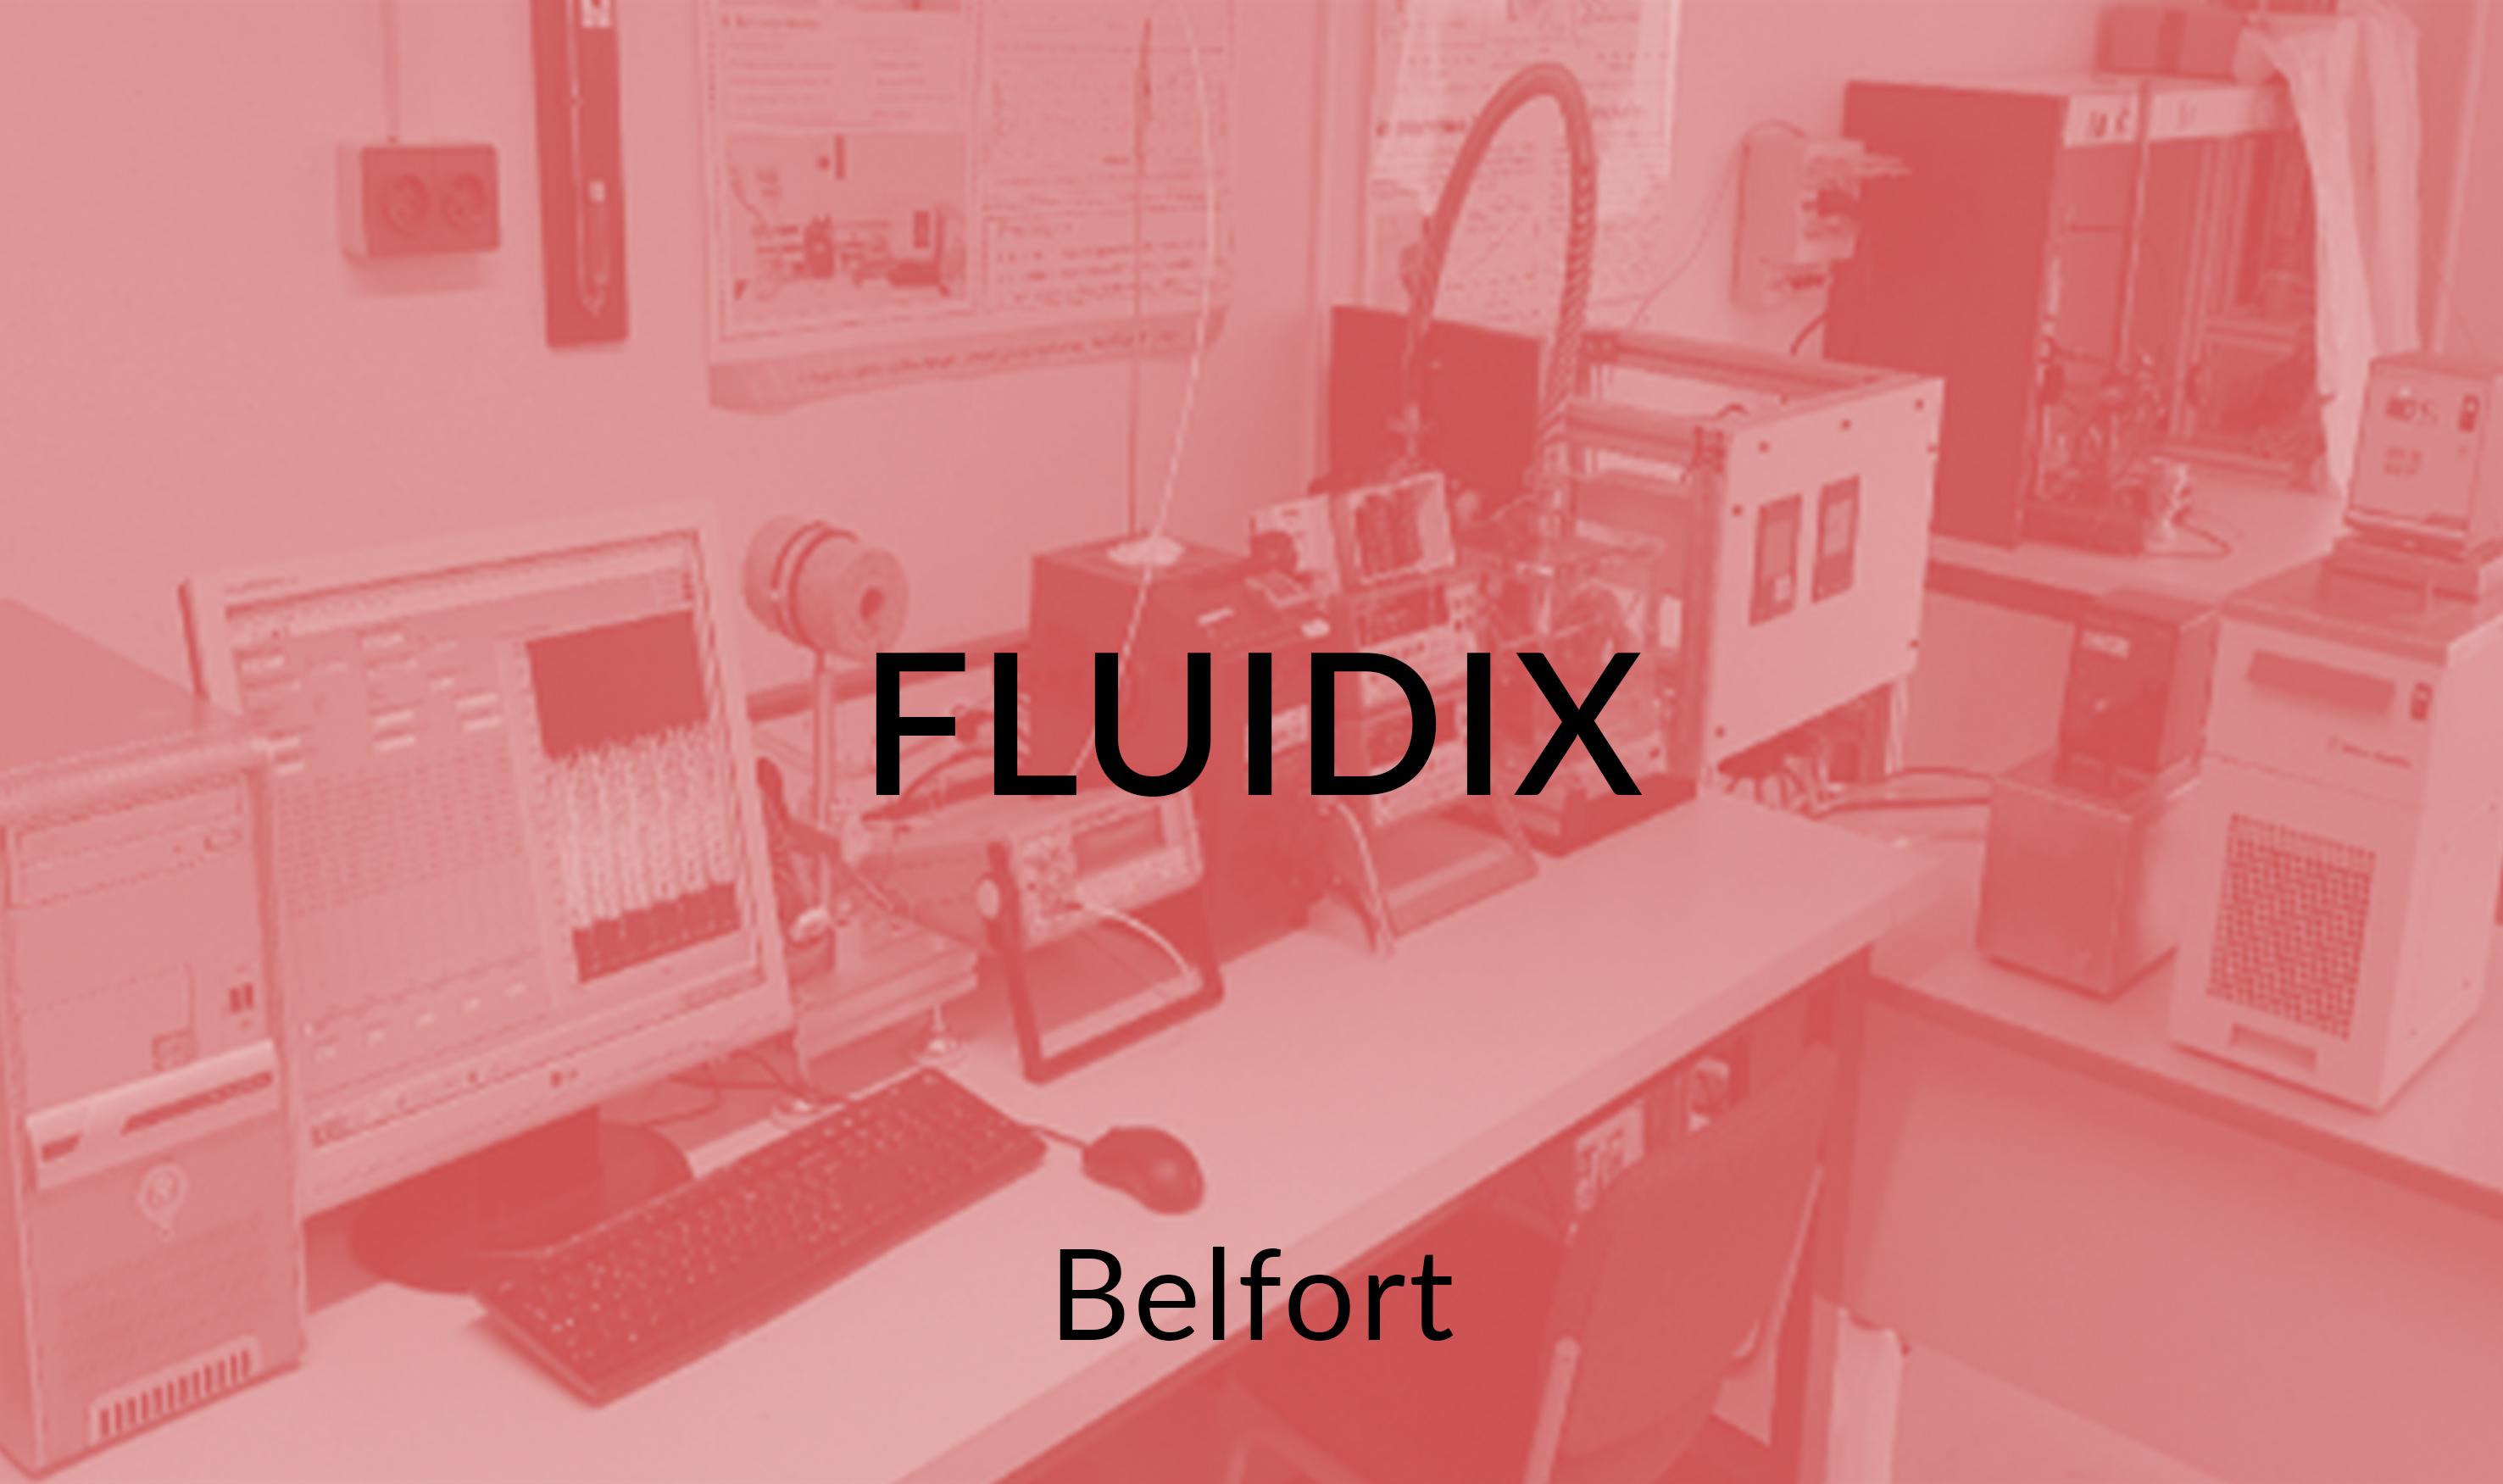 Fluidix - Belfort